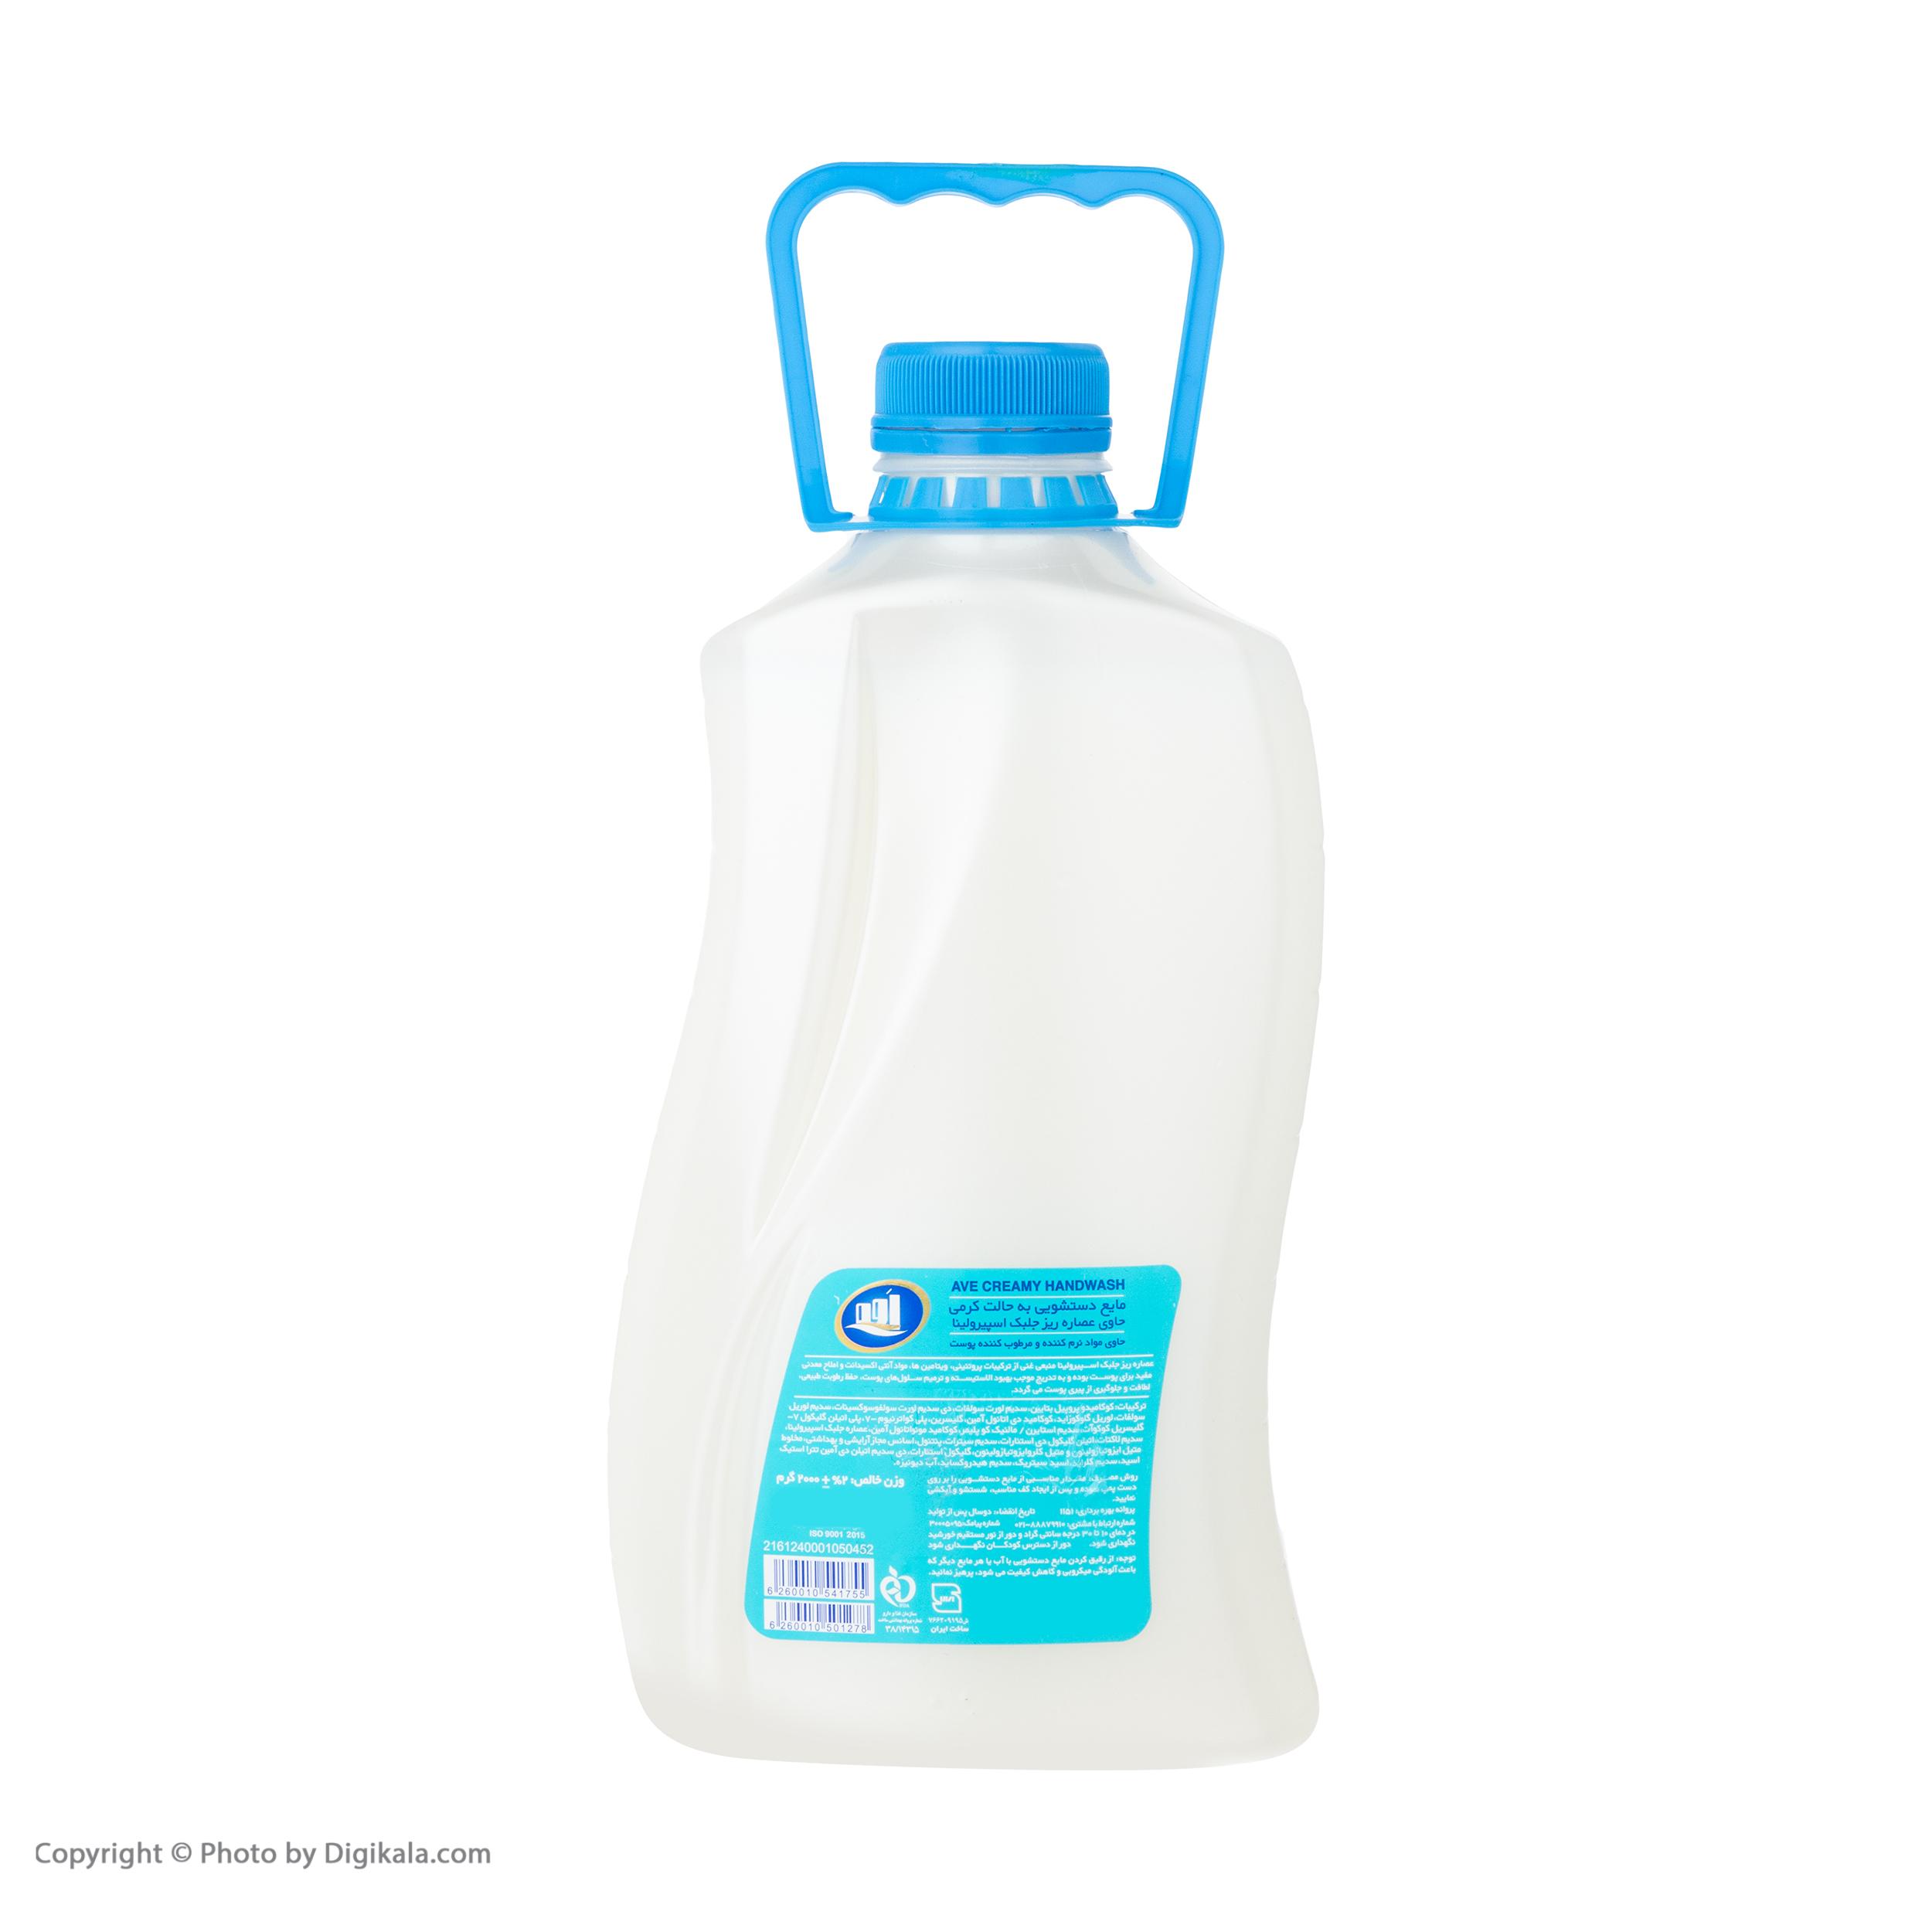 مایع دستشویی کرمی اوه مدل Espirolina مقدار 2000 گرم main 1 2